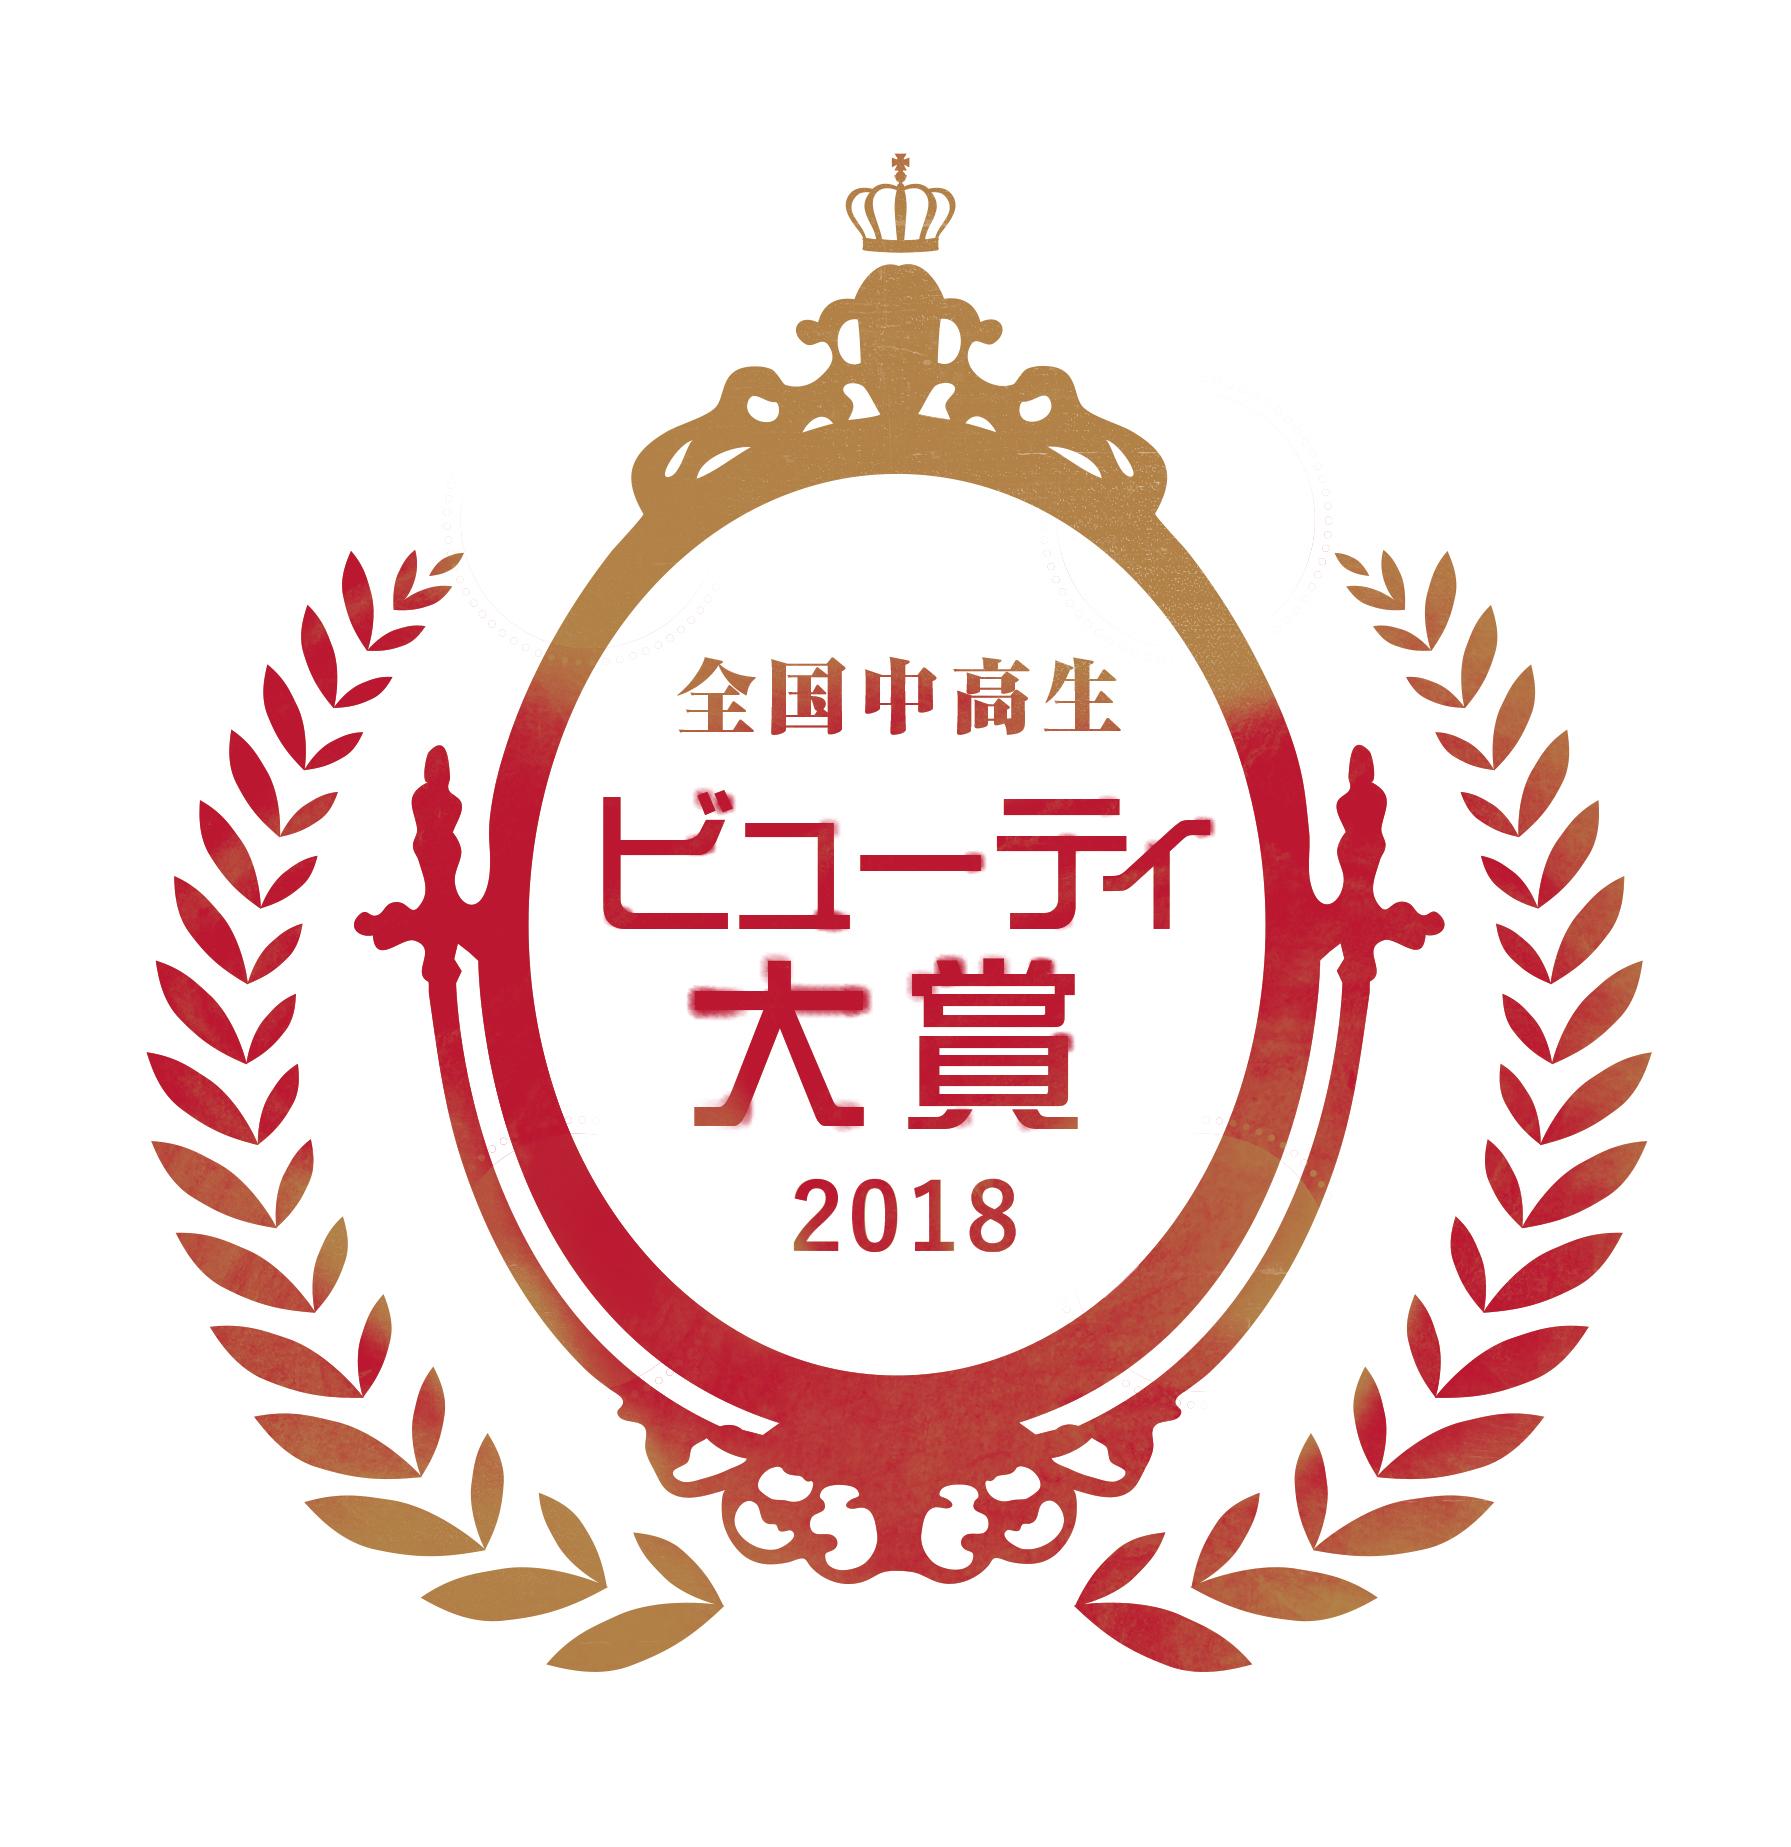 ビューティ大賞ロゴ